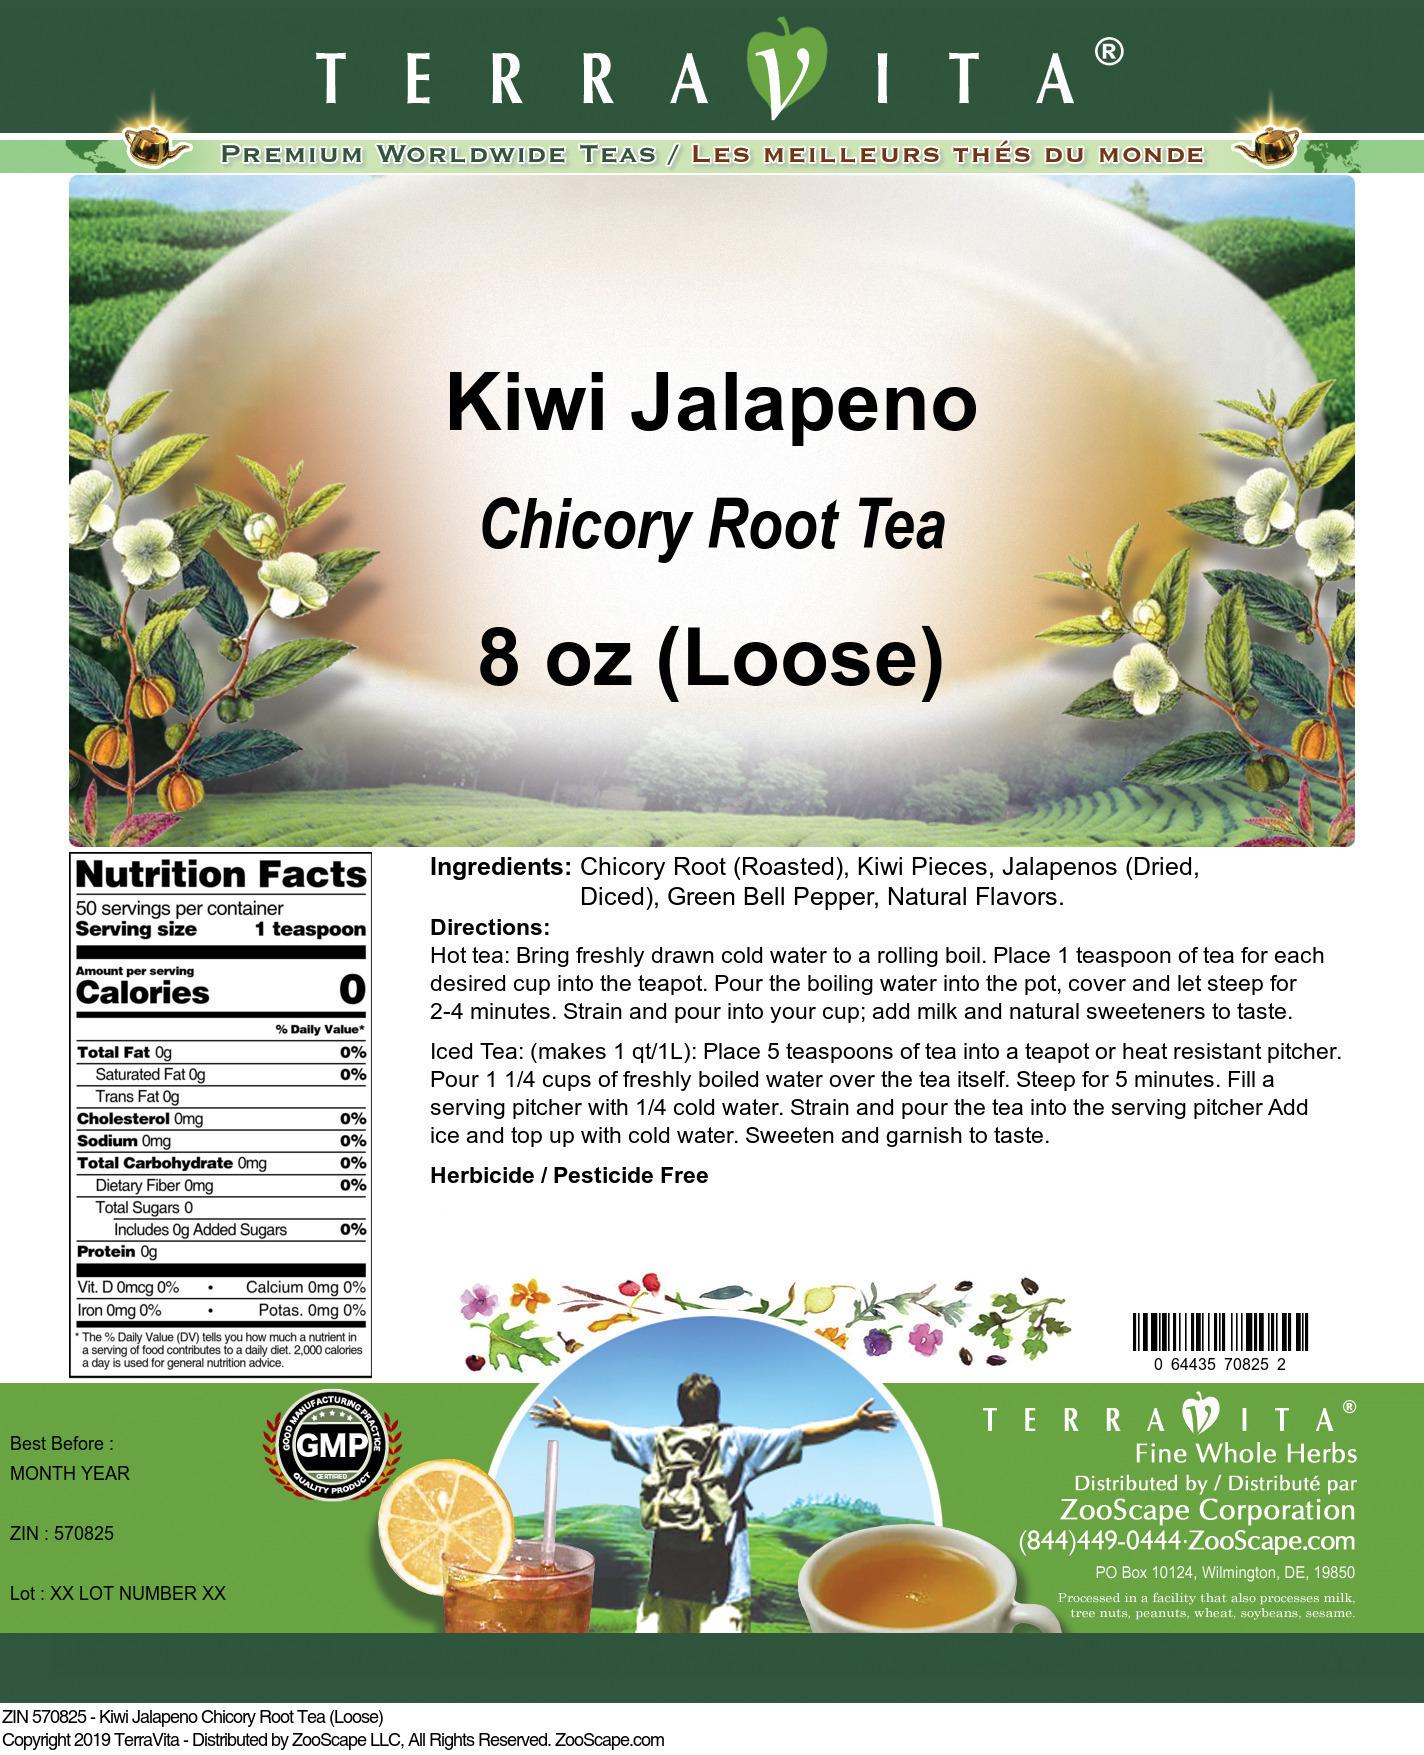 Kiwi Jalapeno Chicory Root